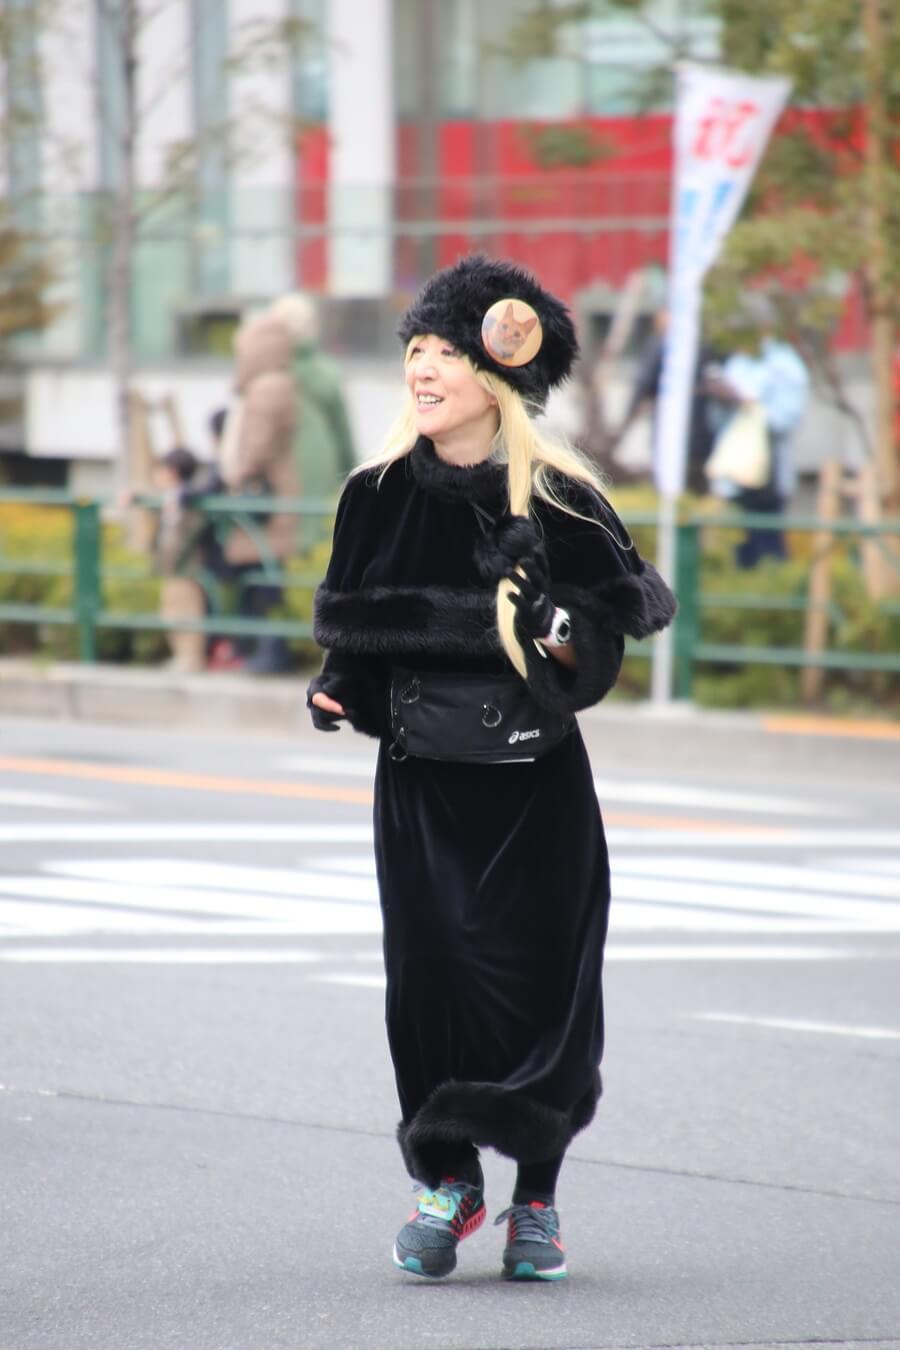 tokyo_marathon_2015 (34)